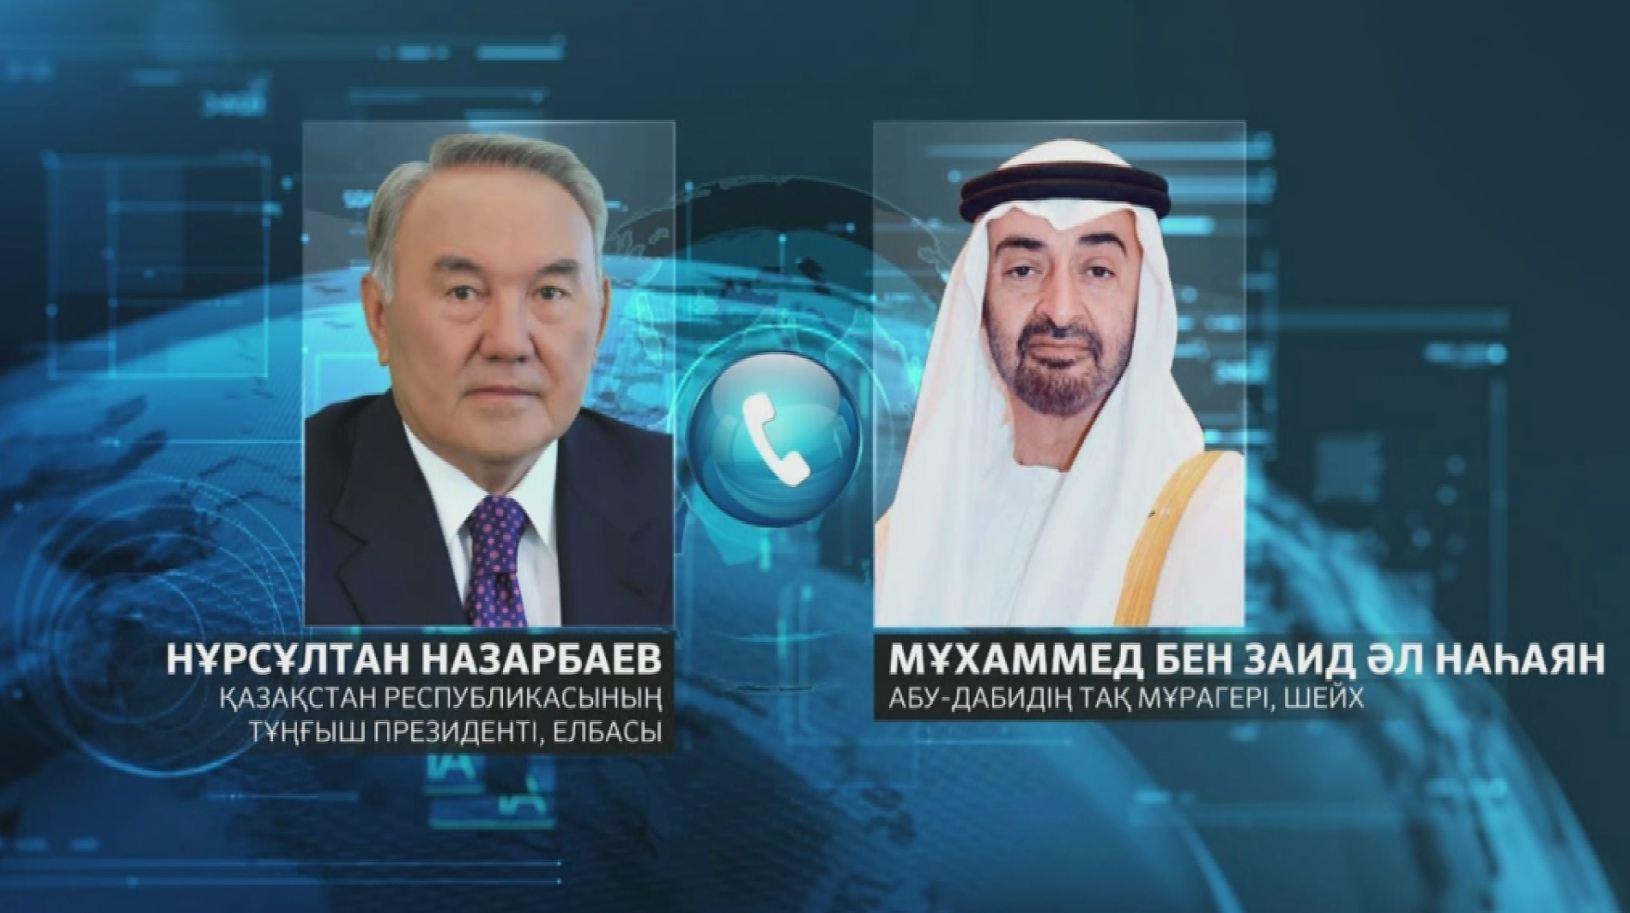 Нурсултан Назарбаев поговорил с Наследным принцем Абу-Даби